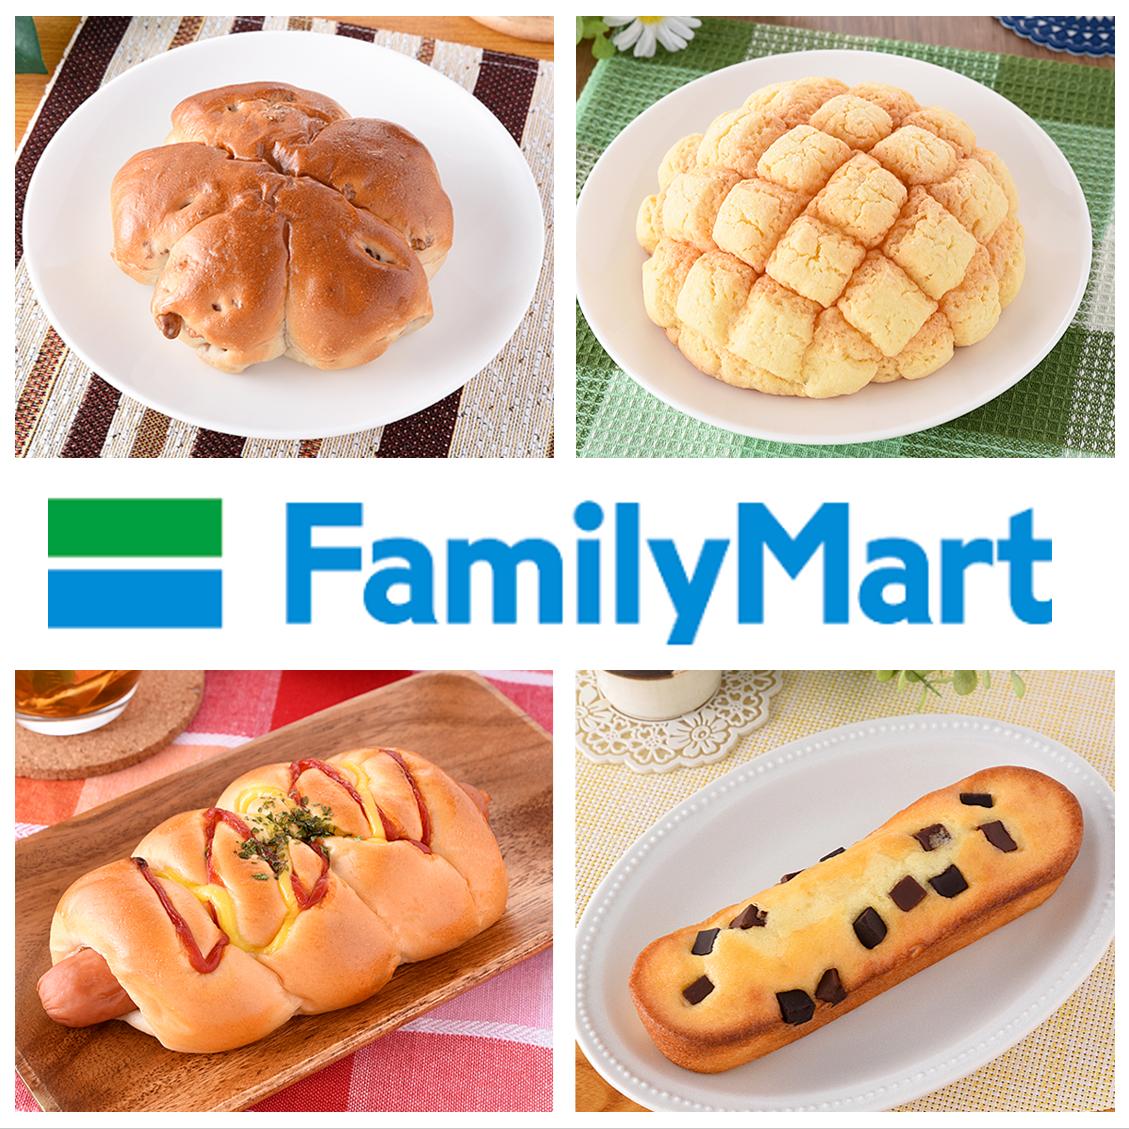 【10月26日更新】ファミマの人気パンおすすめまとめ!新商品から定番パンまで紹介